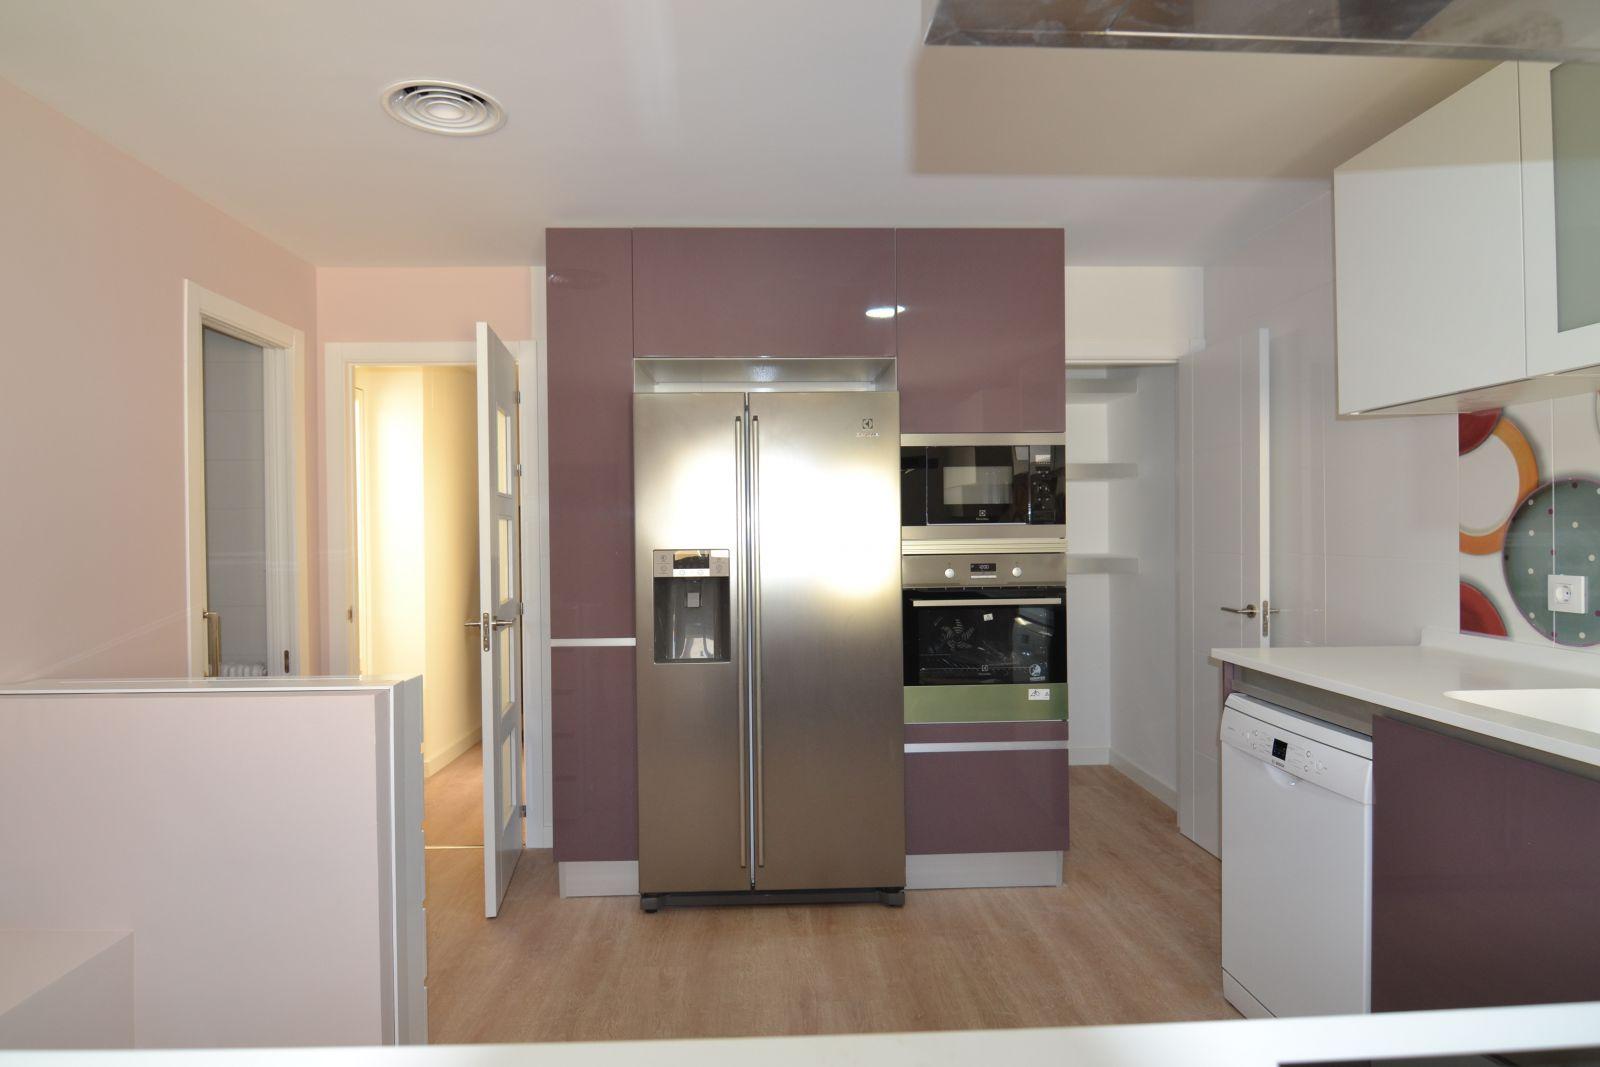 Reforma de cocina tu blog de decoraci n y reformas en ciudad real inspiraci n cocinas - Cocinas ciudad real ...